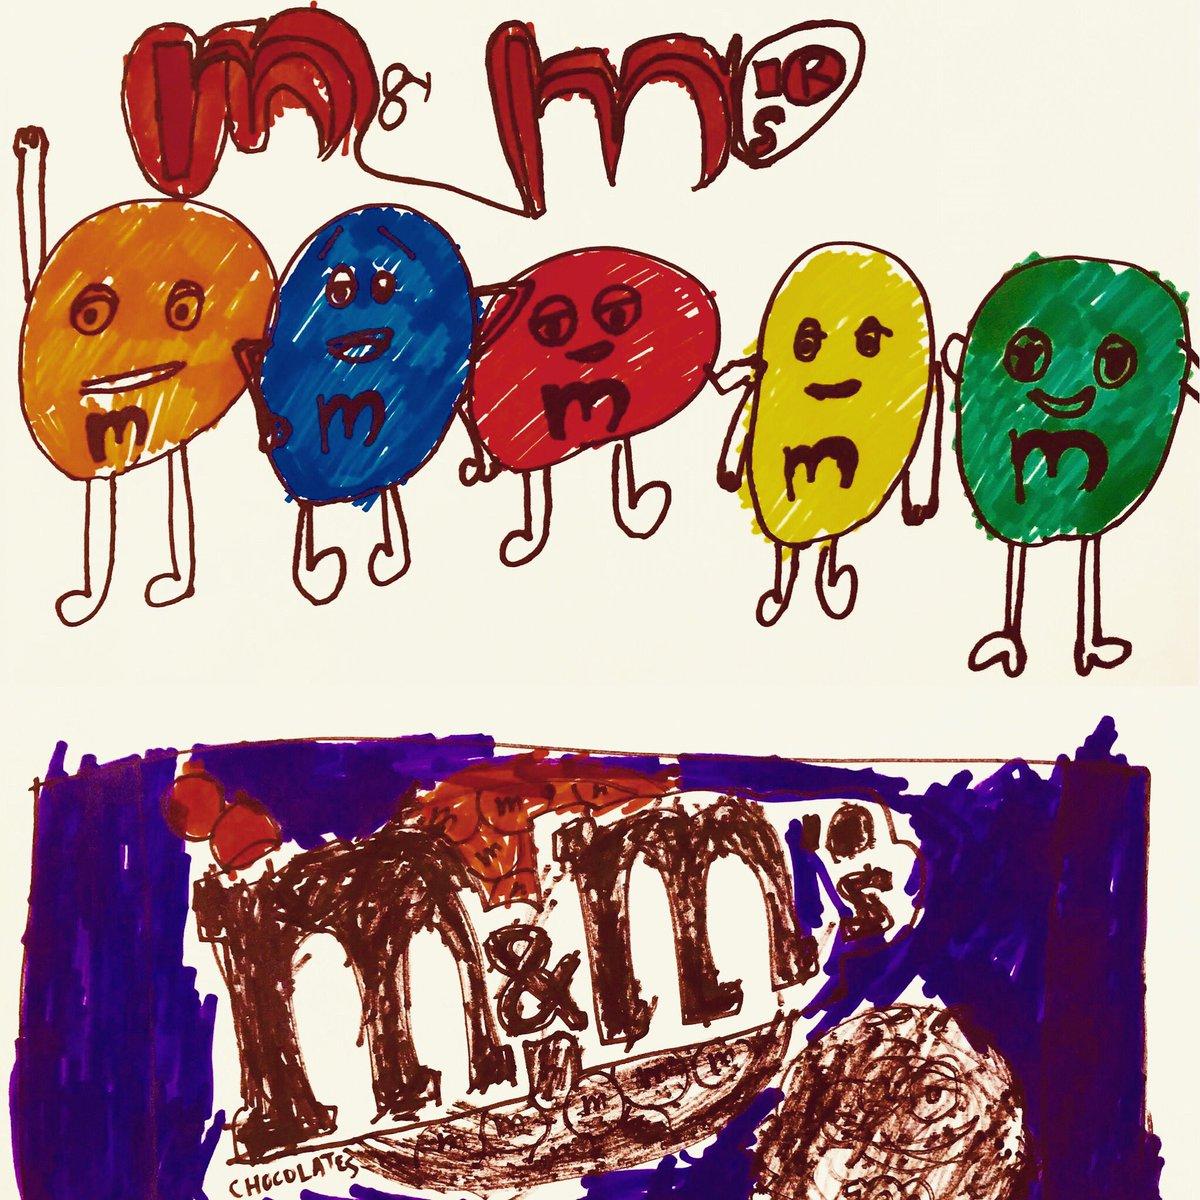 ペコラマーチ 今日のペコラマーチでは M M Sのイラストを描きましたよ ピーナッツ入りのと そうでないのがありますね とてもカラフルで楽しいです ペコラマーチ エムアンドエムズ Mandms イラスト